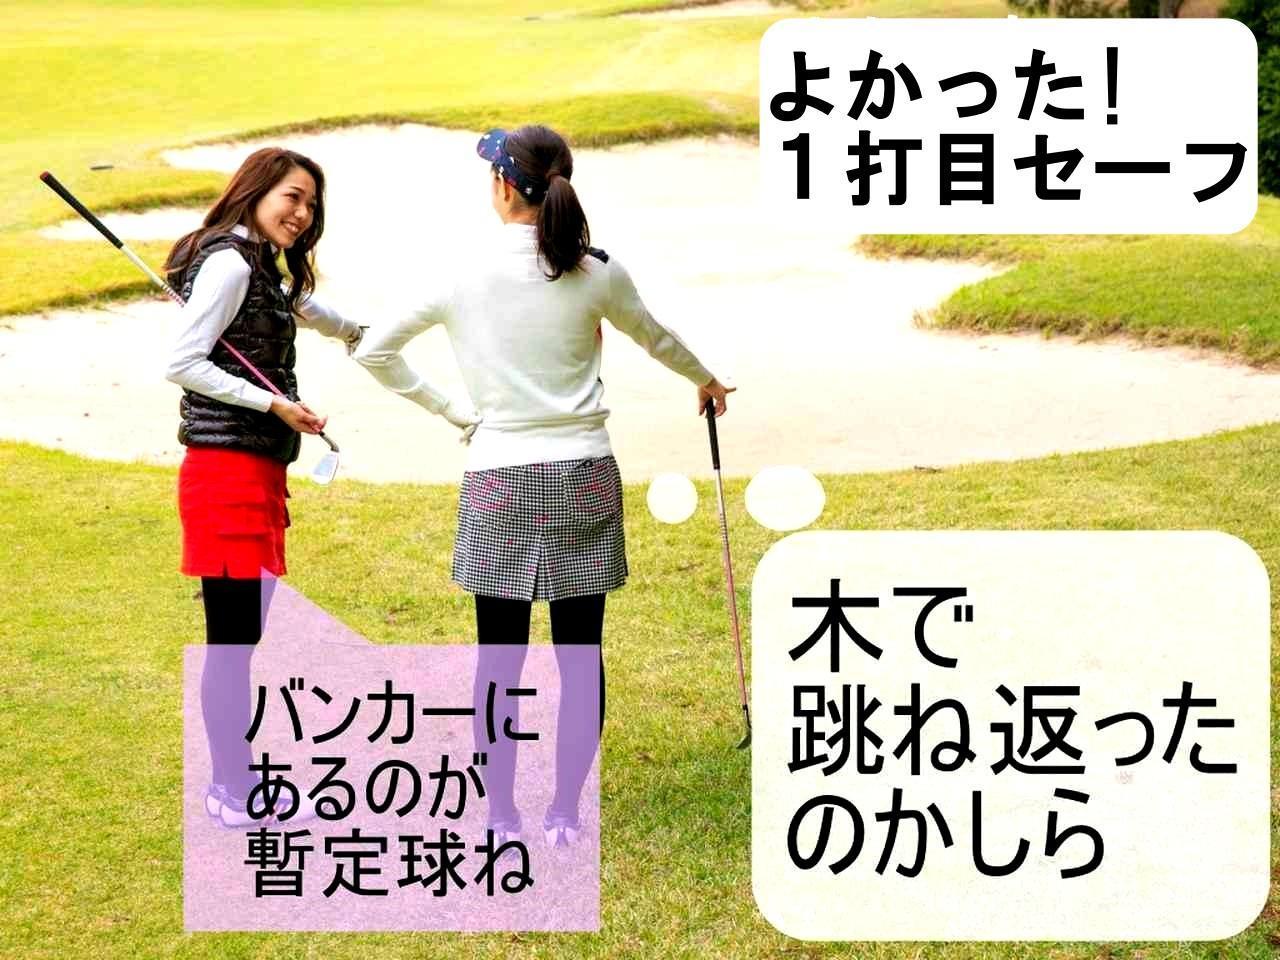 画像1: 【ルール】プレーの線上の足跡をならすのは、セーフ? それともペナルティ?